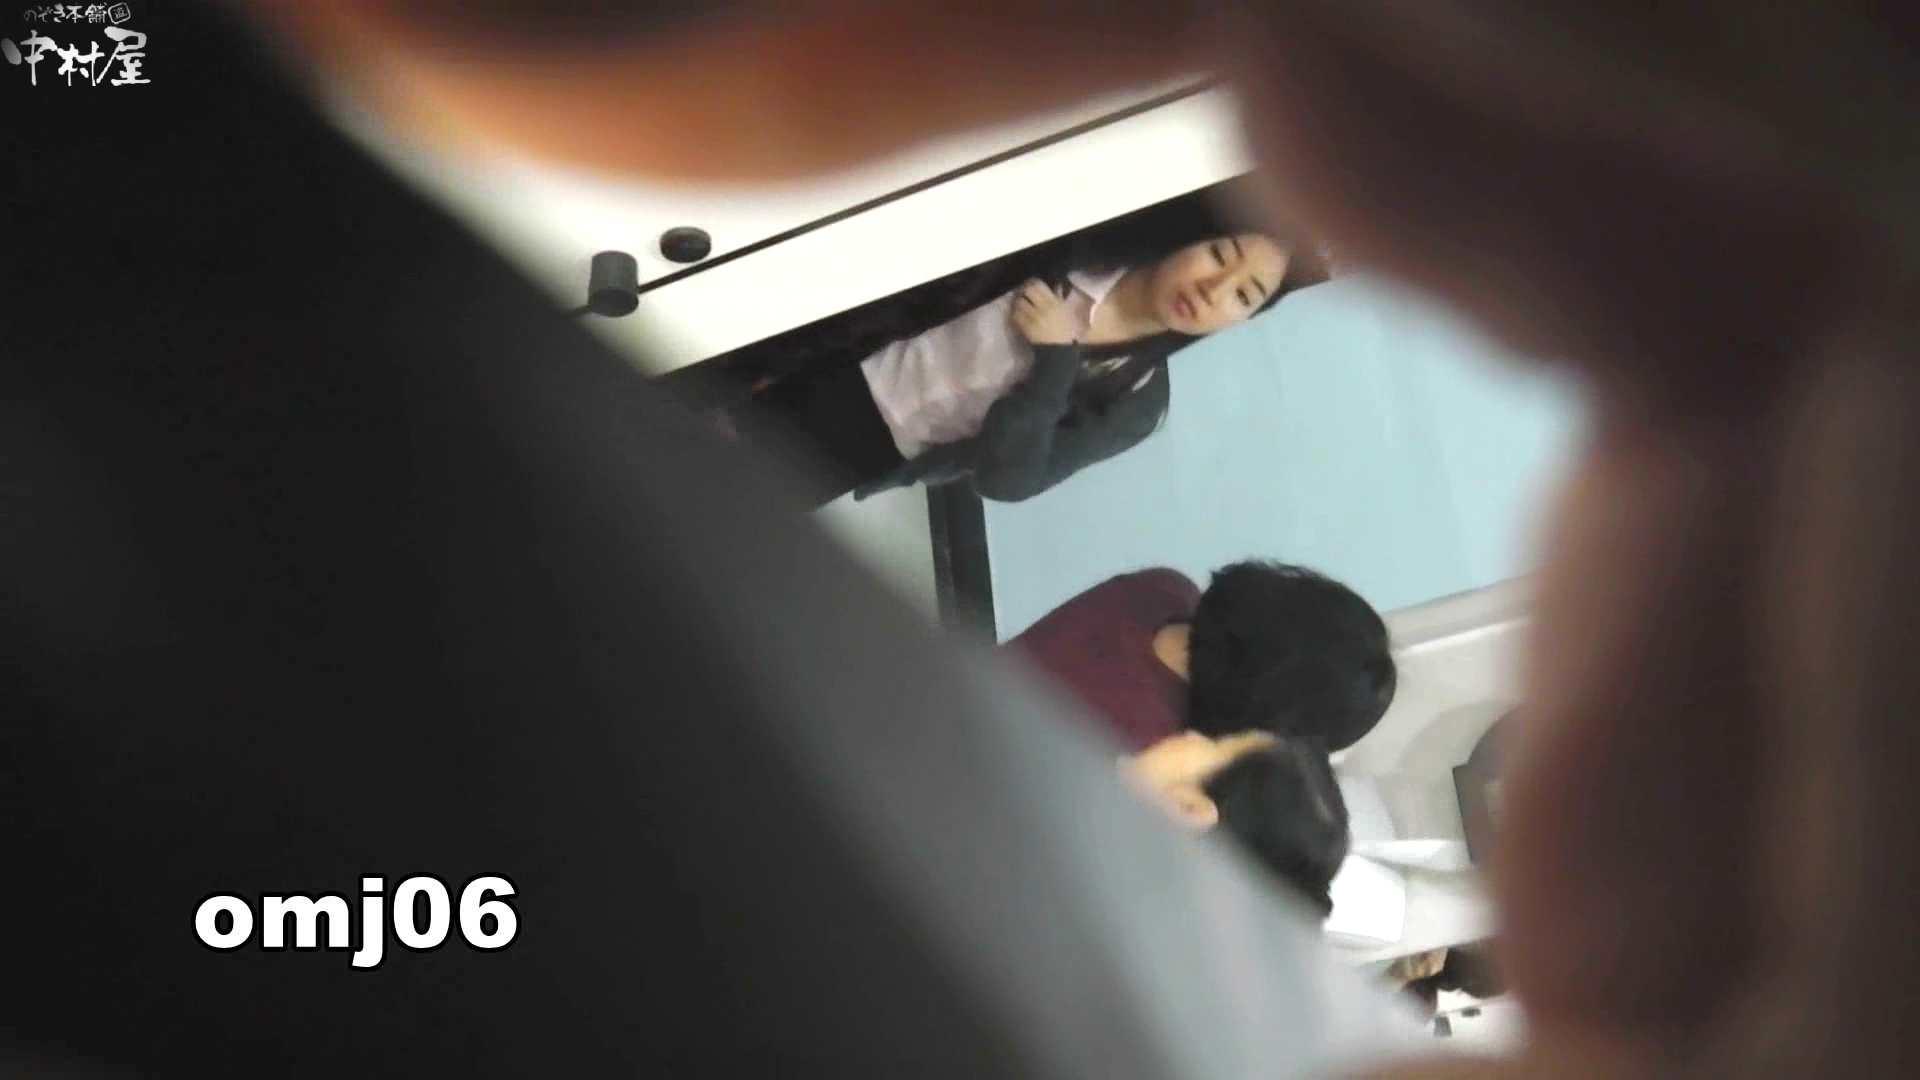 お市さんの「お尻丸出しジャンボリー」No.06 盗撮 隠し撮りオマンコ動画紹介 77連発 26